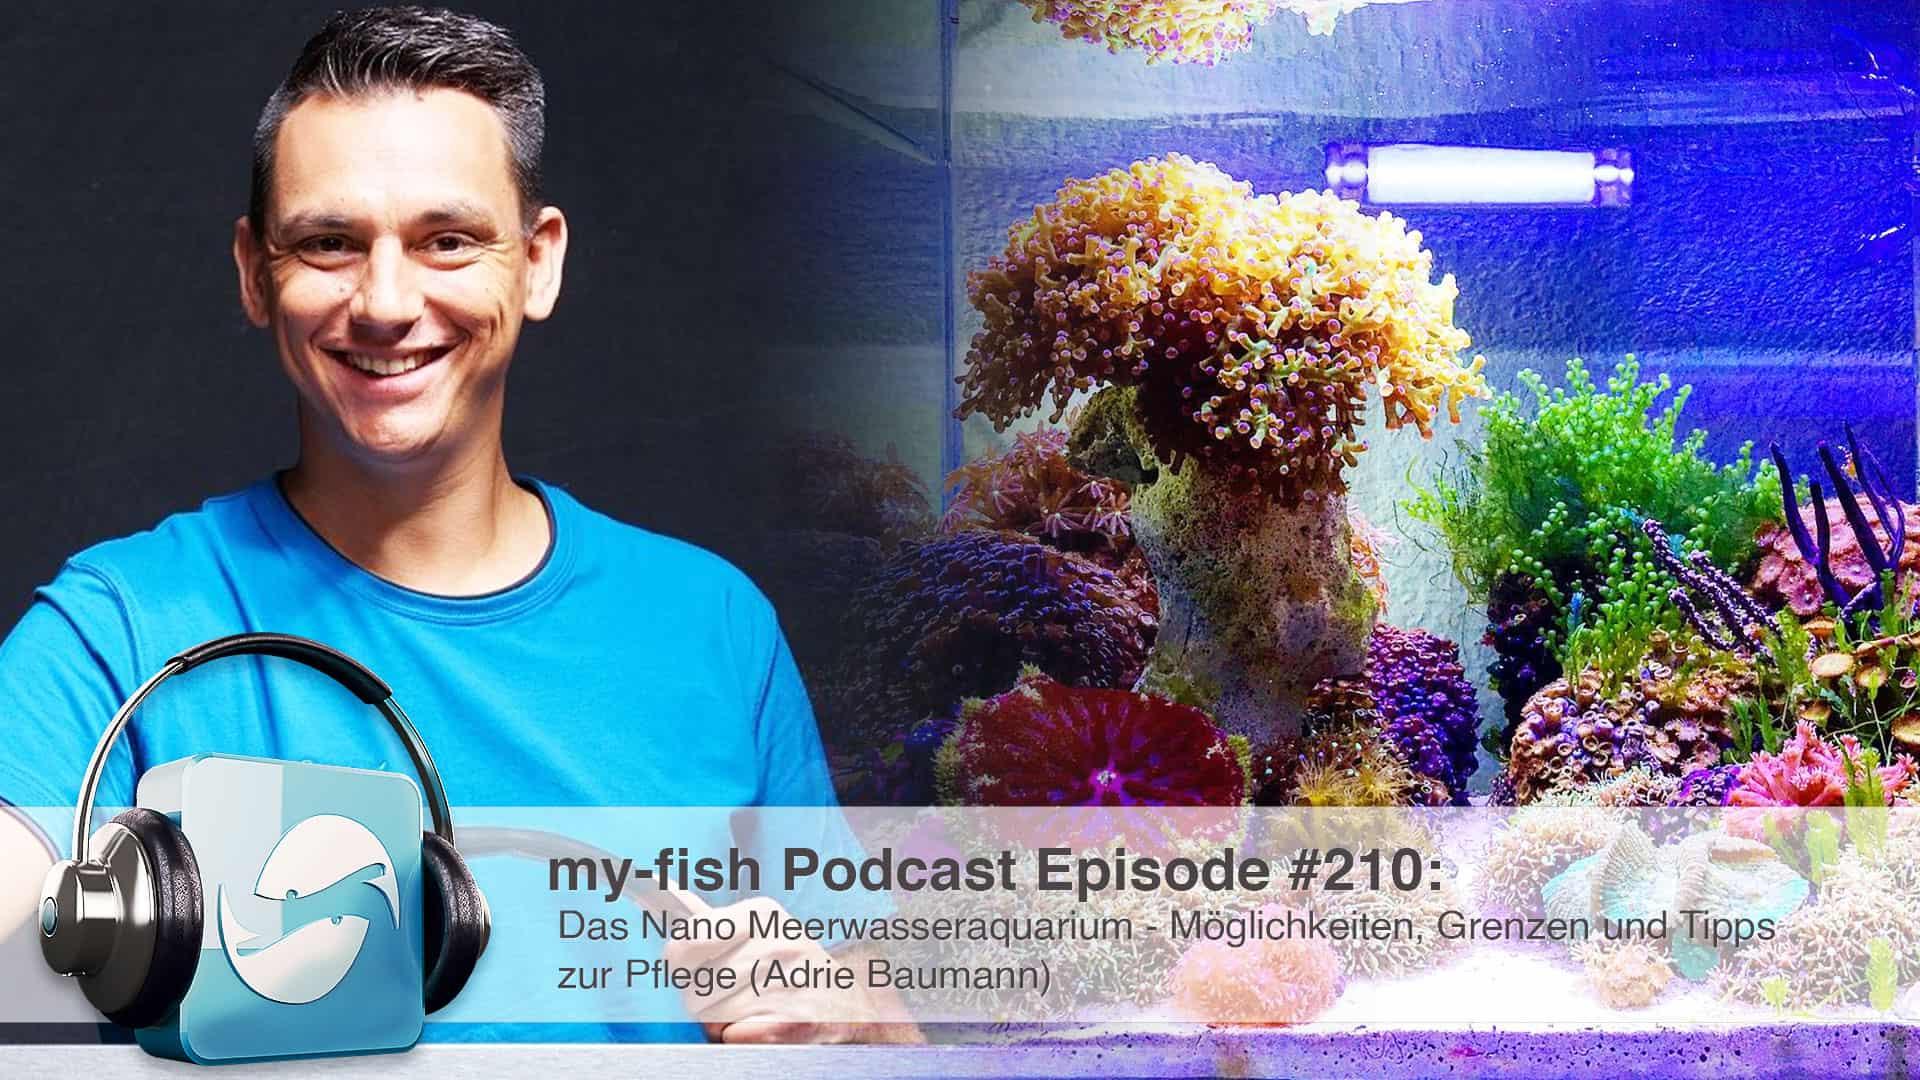 210: Das Nano Meerwasseraquarium - Möglichkeiten, Grenzen und Tipps zur Pflege (Adrie Baumann) 1